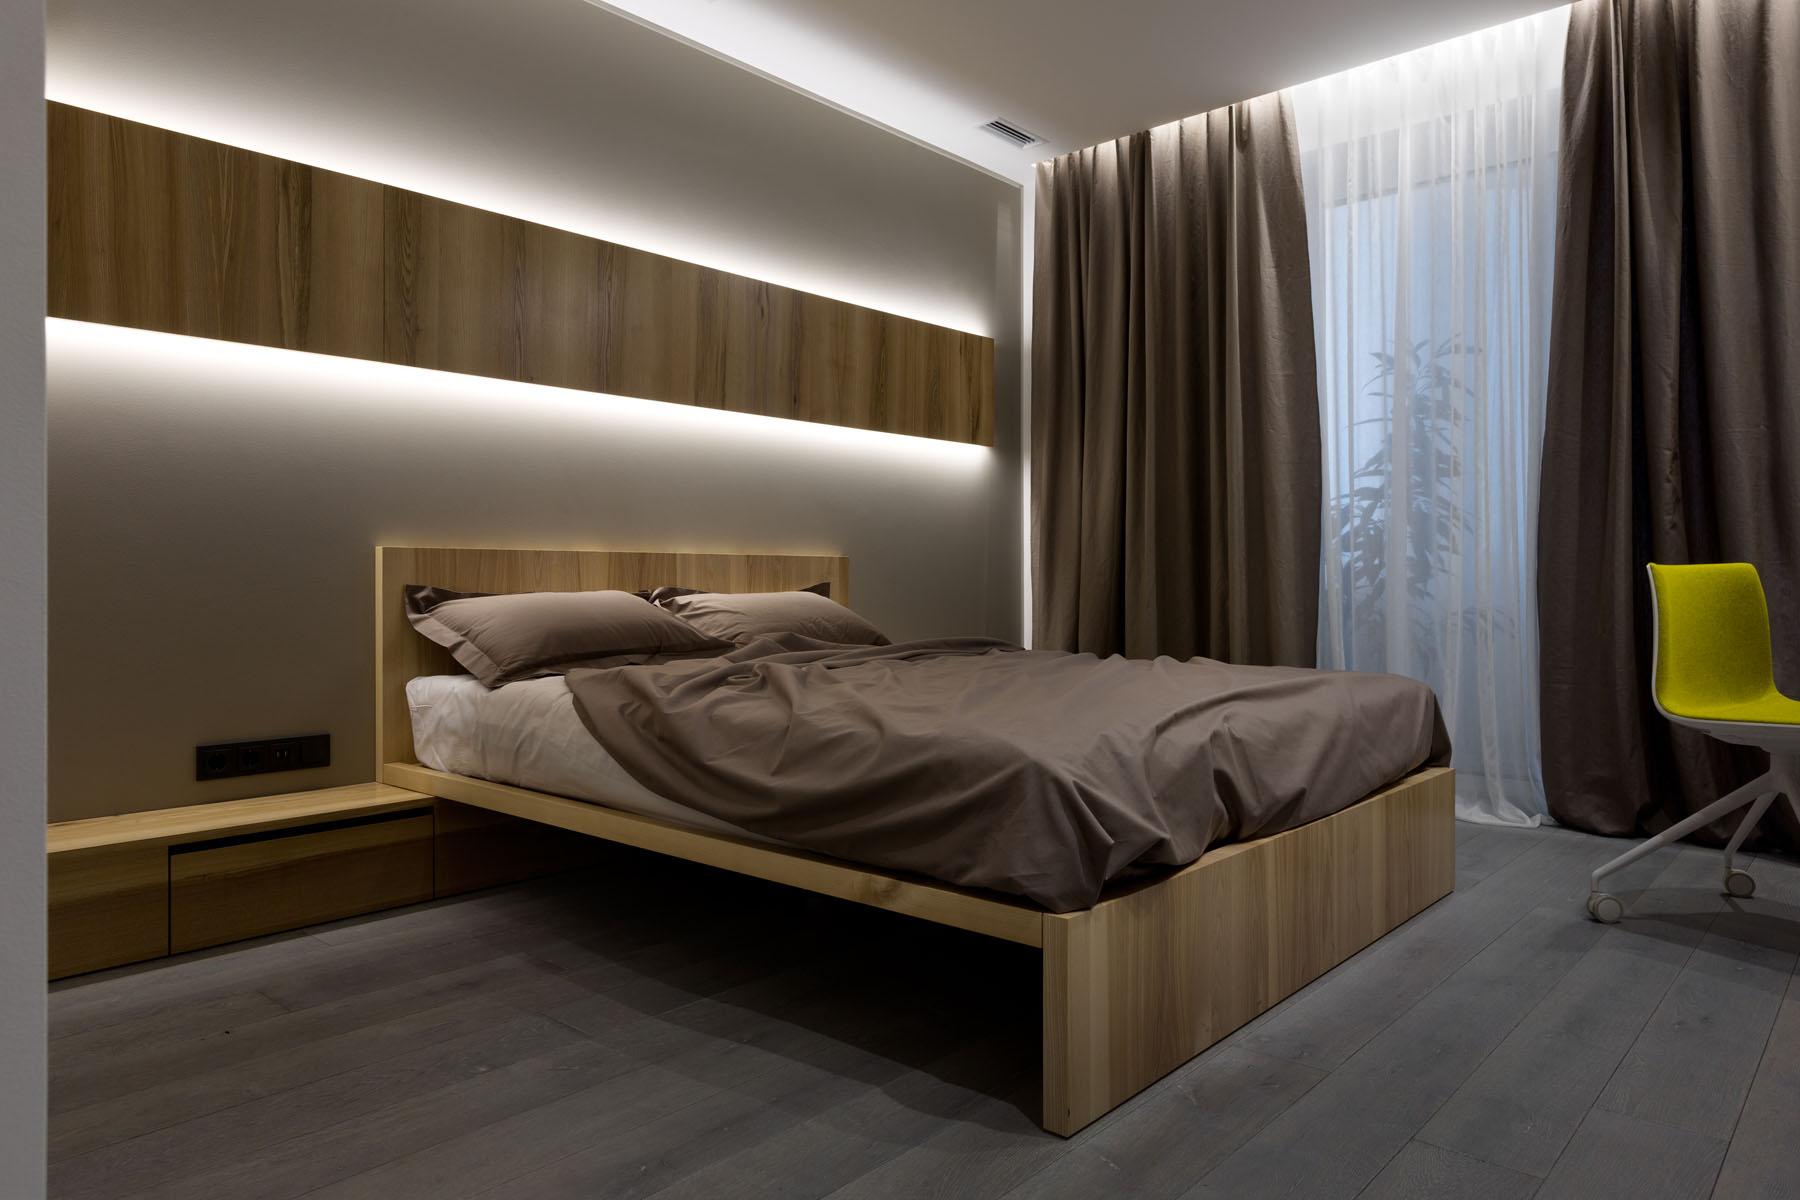 кровать на бруске с ящиками